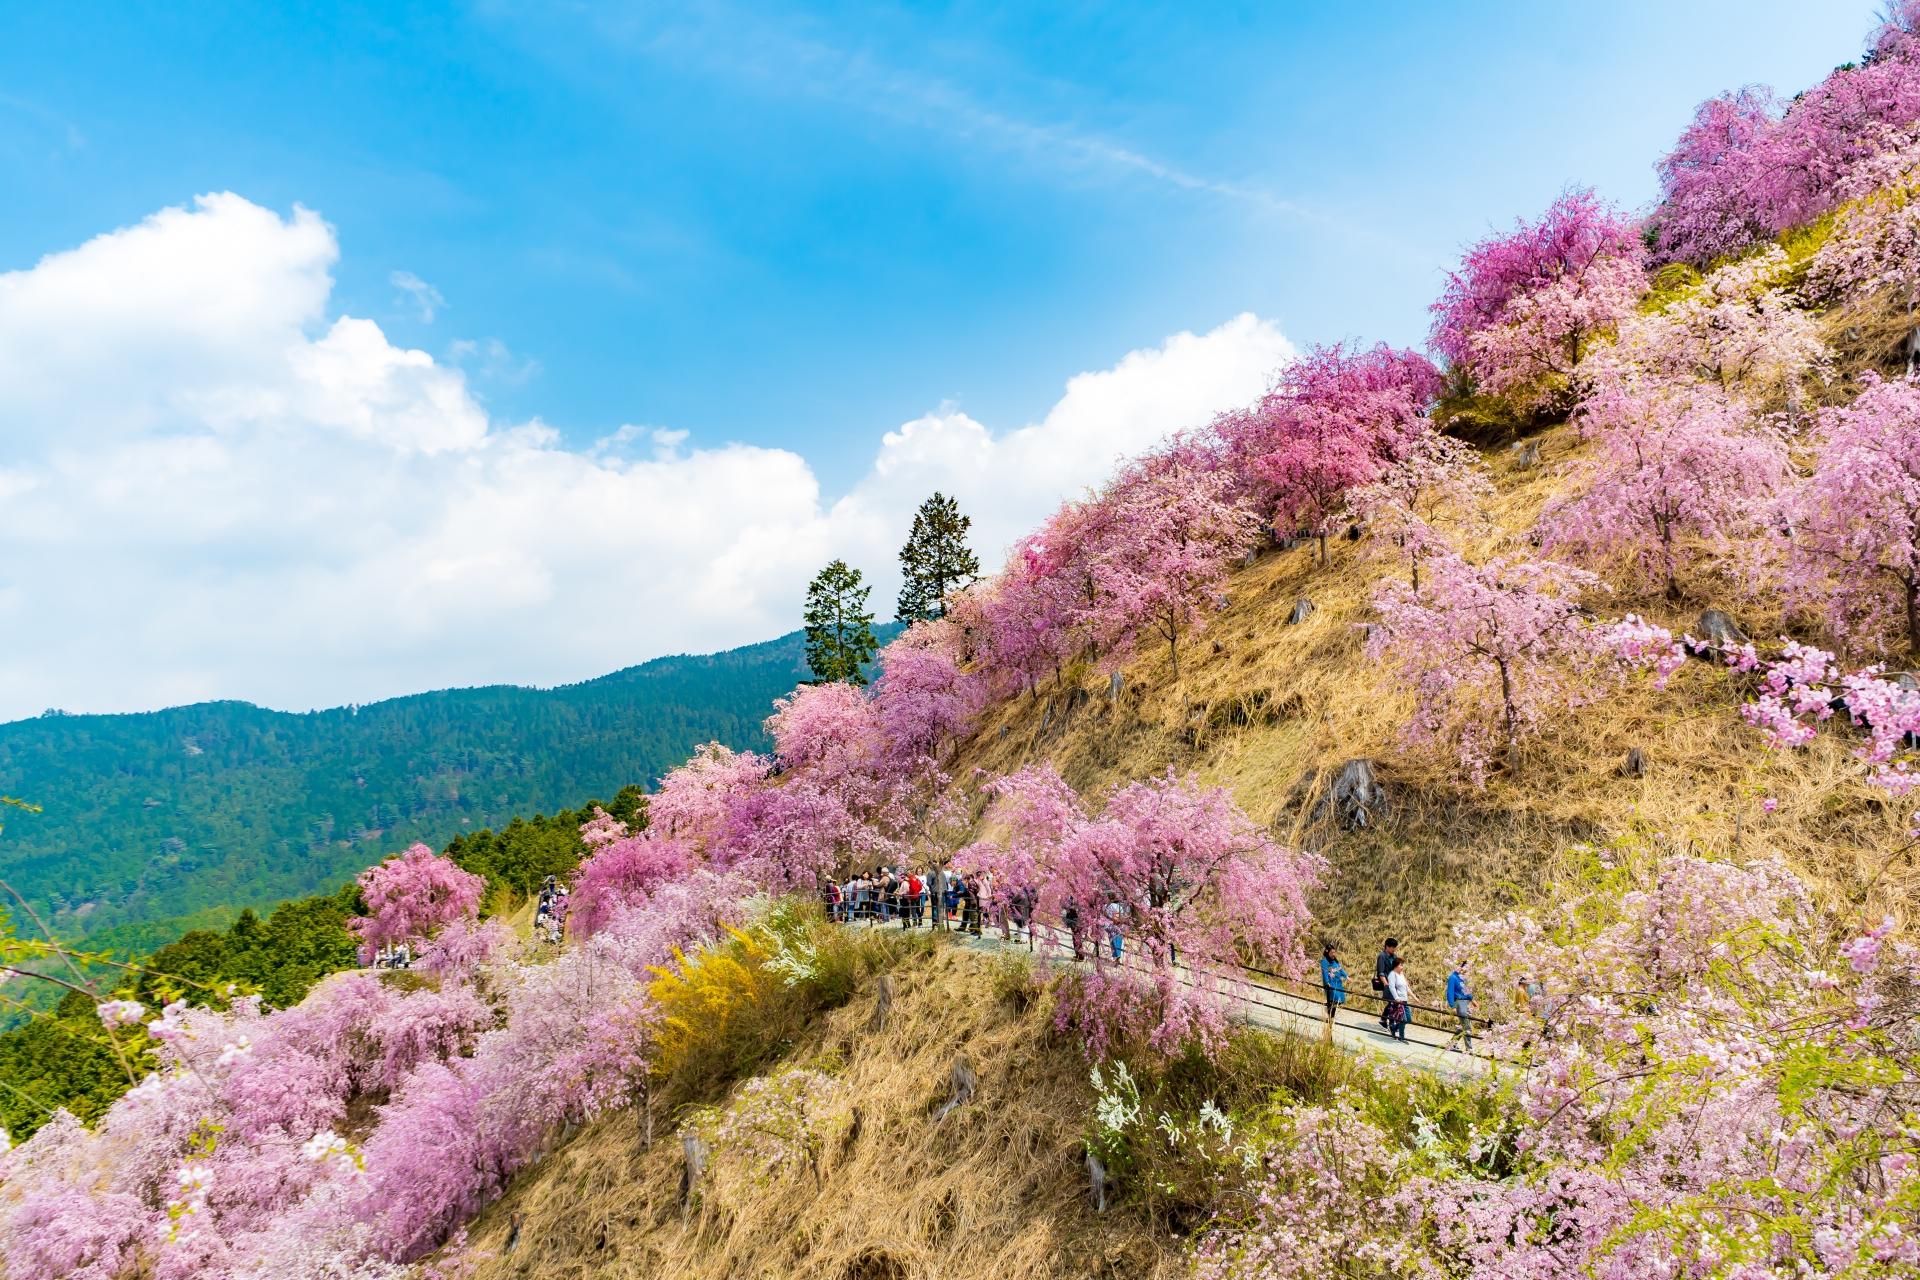 2459721_m 奈良県  高見の郷(1000本のしだれ桜が咲き誇る春におすすめの桜スポット! 写真の紹介、アクセス情報や駐車場情報など)